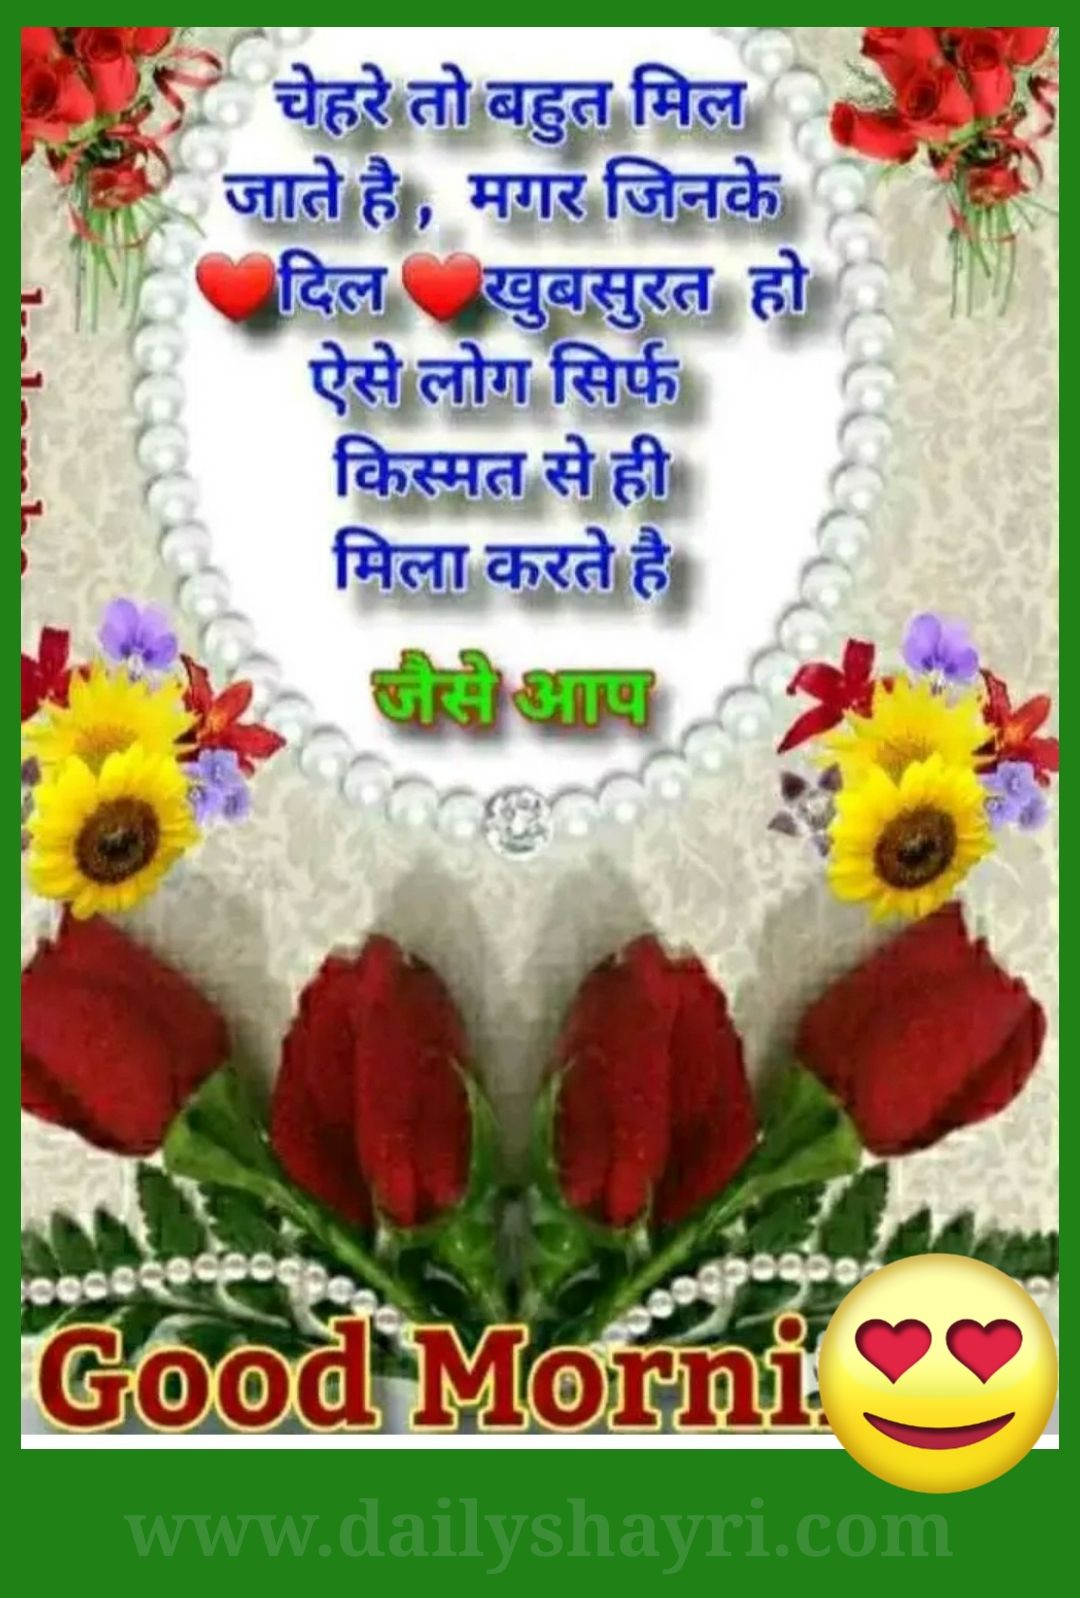 2020 Best Good Morning Shayari Images Hindi Shayari Love Shayari Love Quotes Good Morning Friends Images Good Morning Wishes Friends Good Morning Wishes Gif